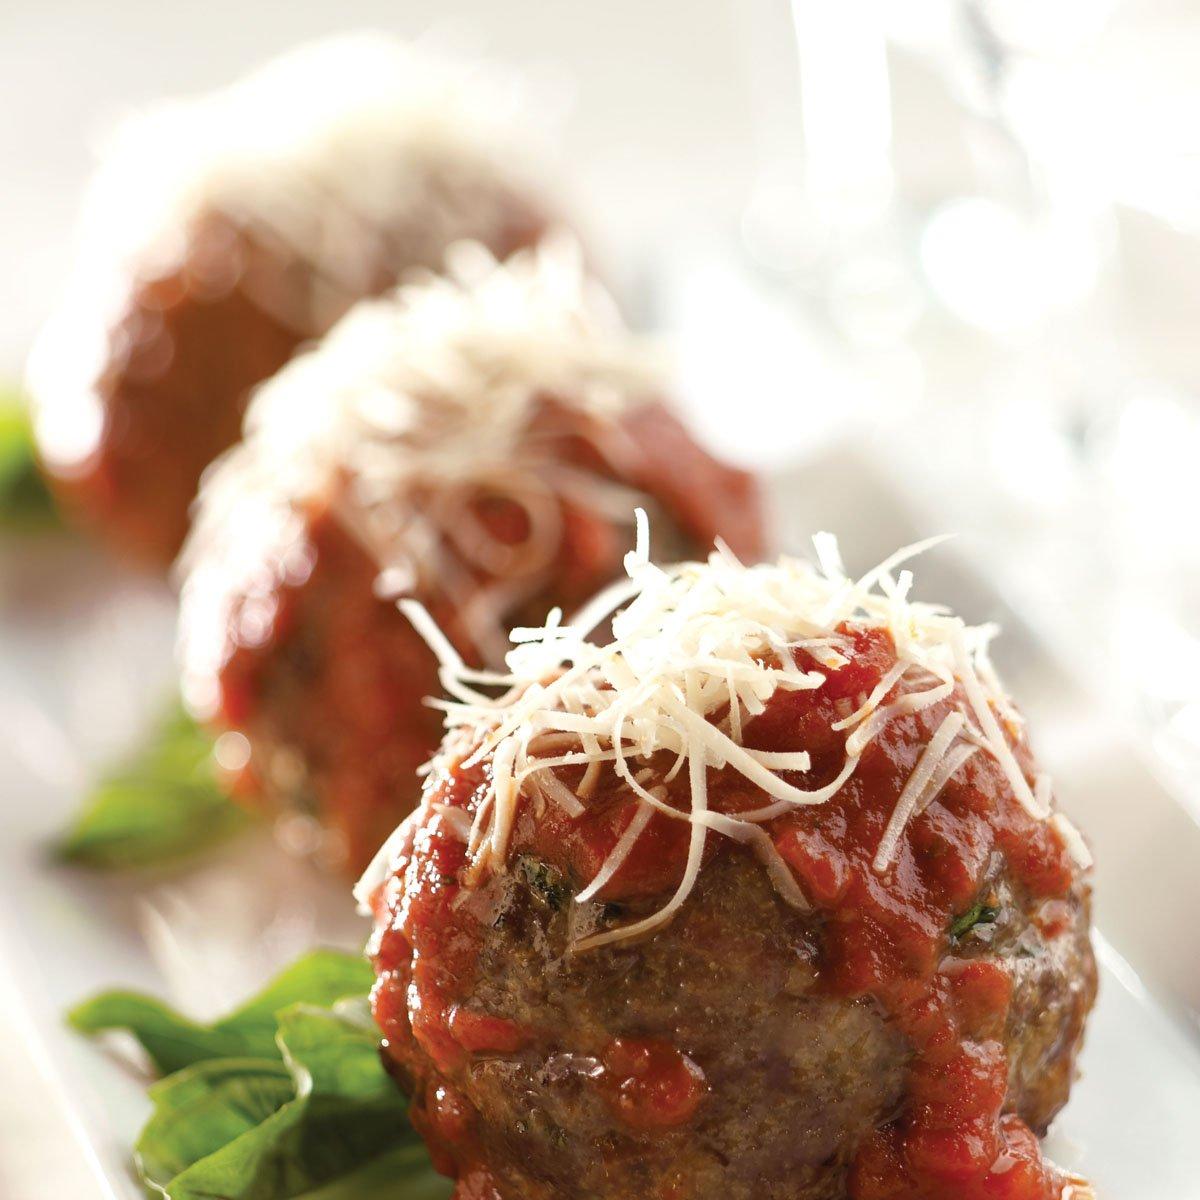 Parmesan on Meatballs